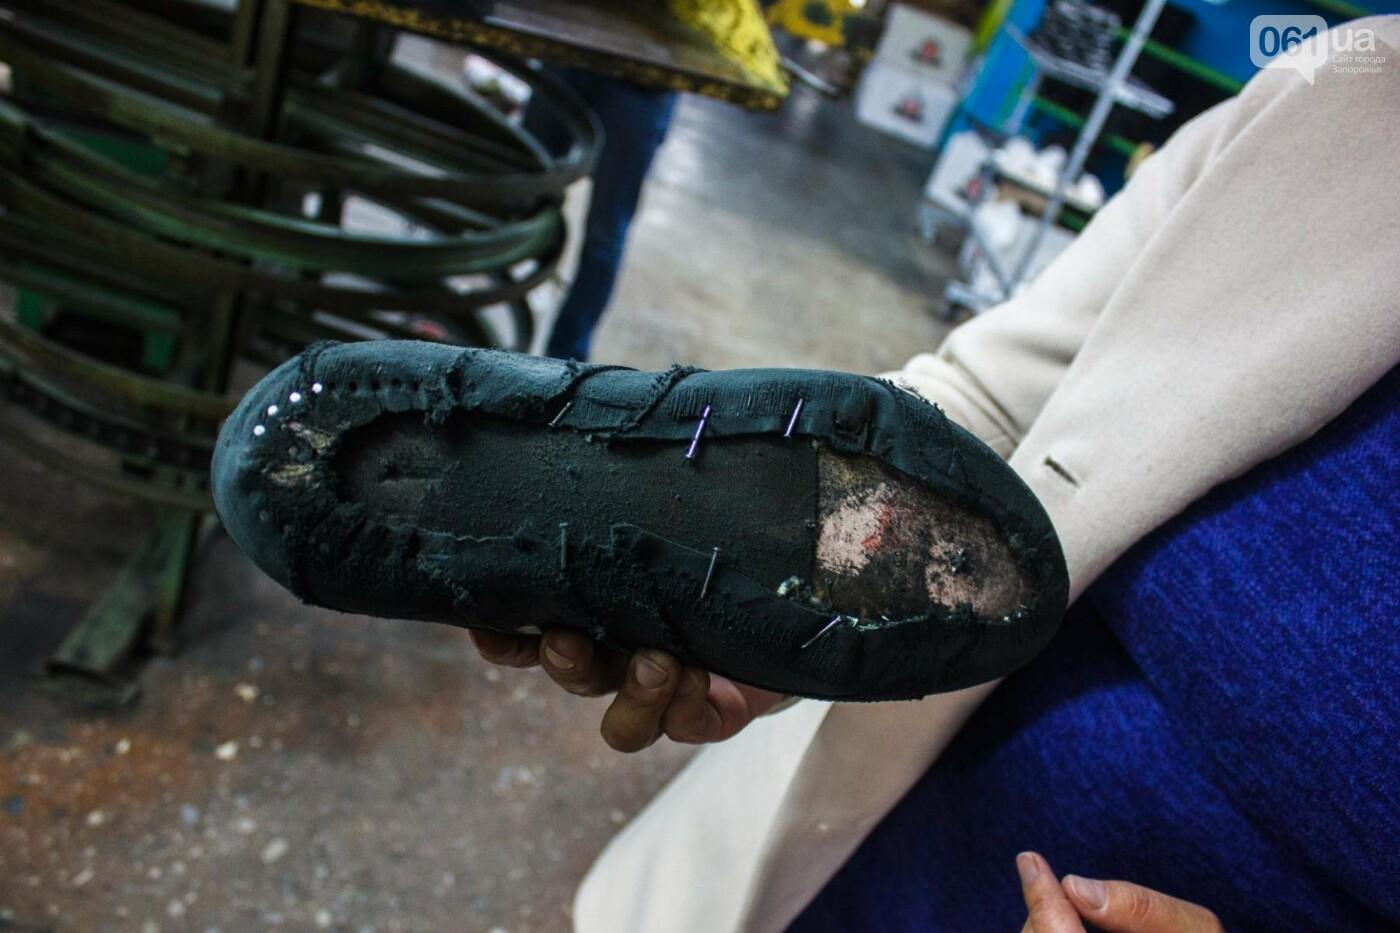 Как создается обувь: экскурсия на запорожскую обувную фабрику, – ФОТОРЕПОРТАЖ, фото-58